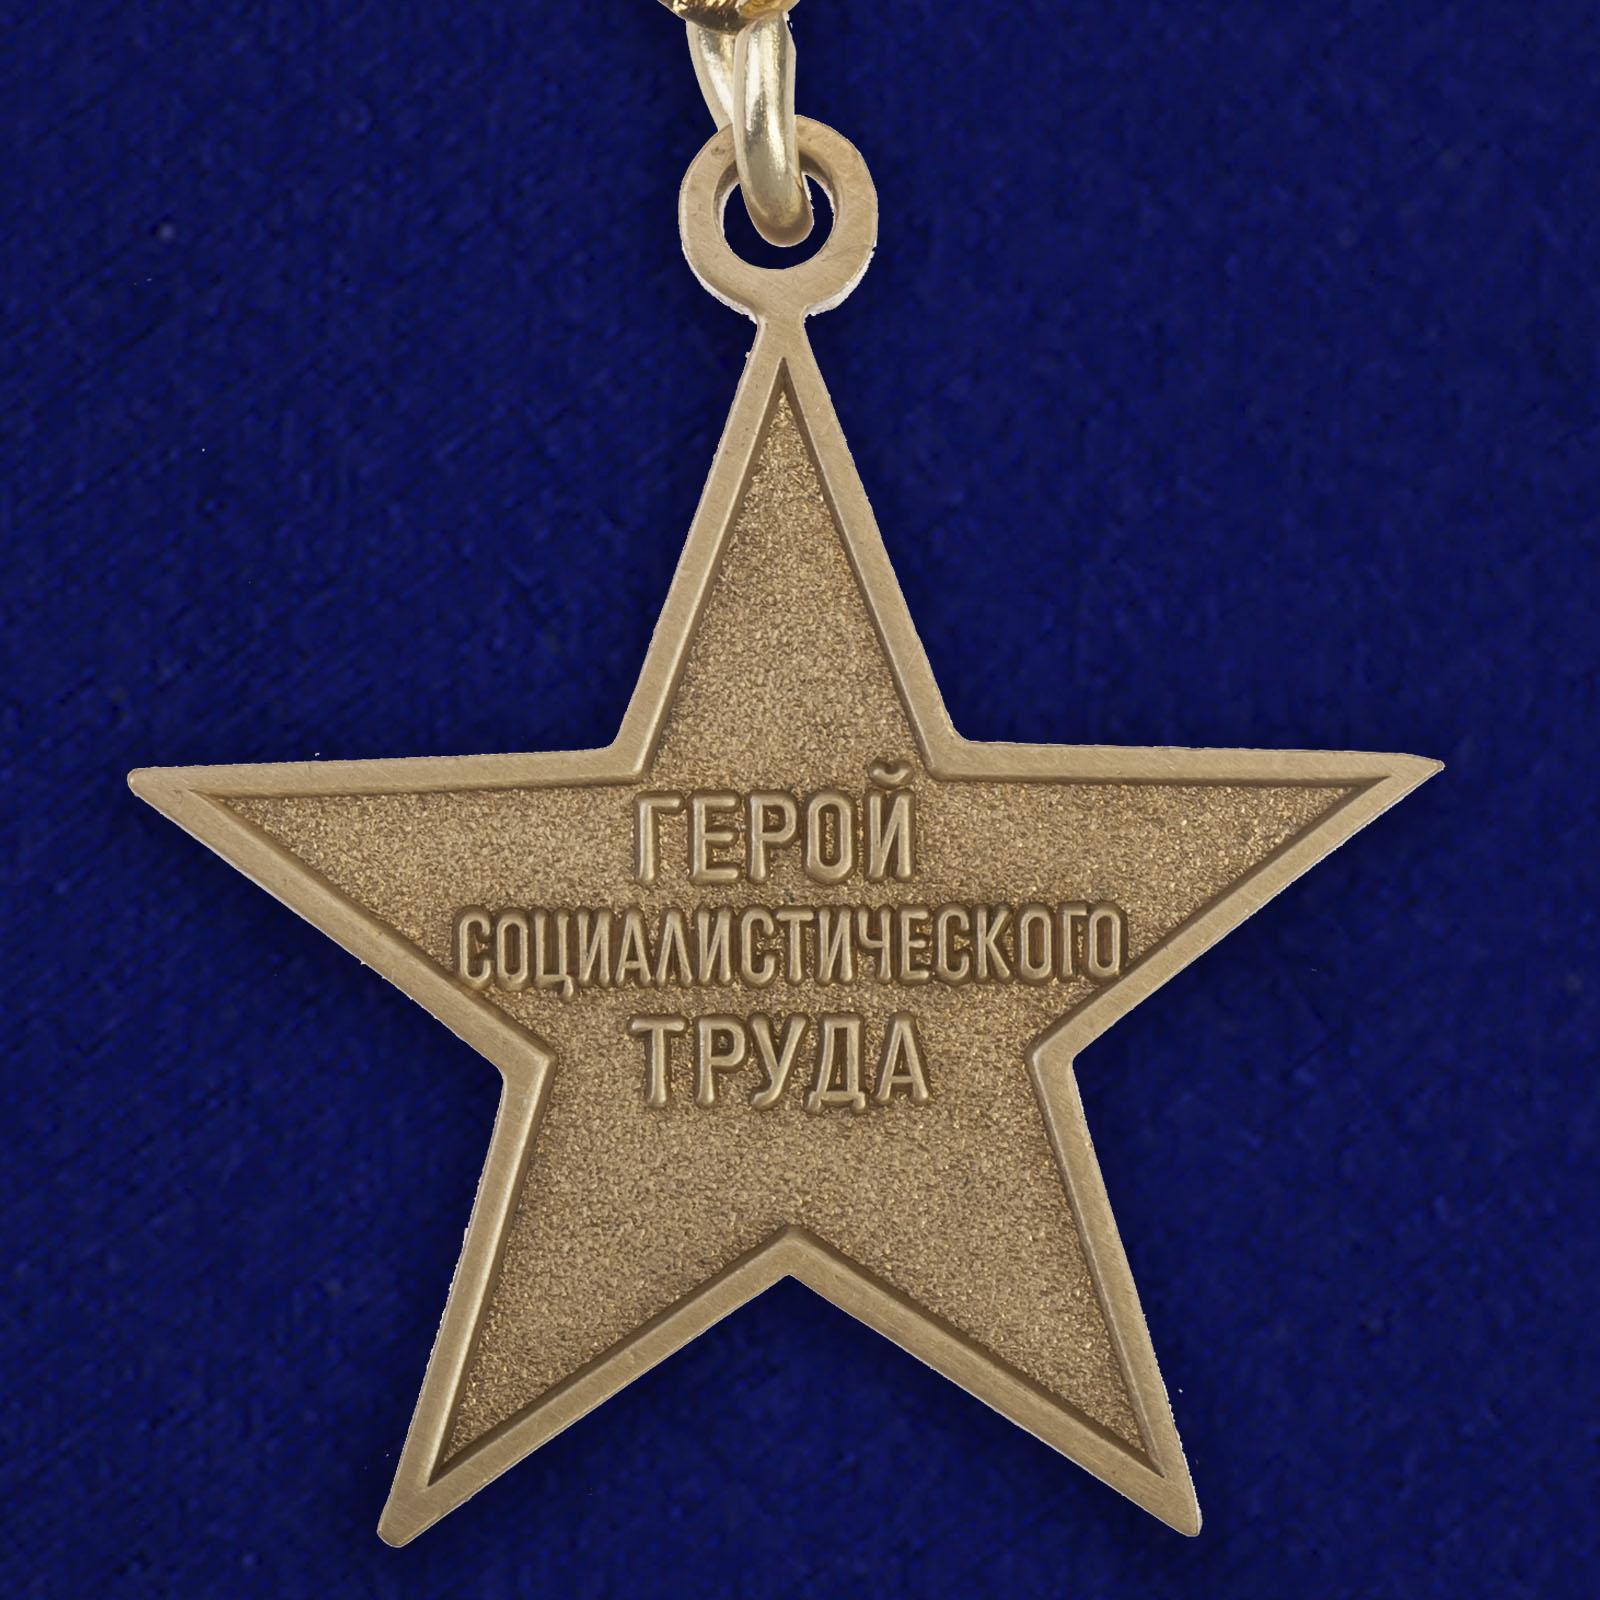 Звезда Героя Социалистического Труда - реверс